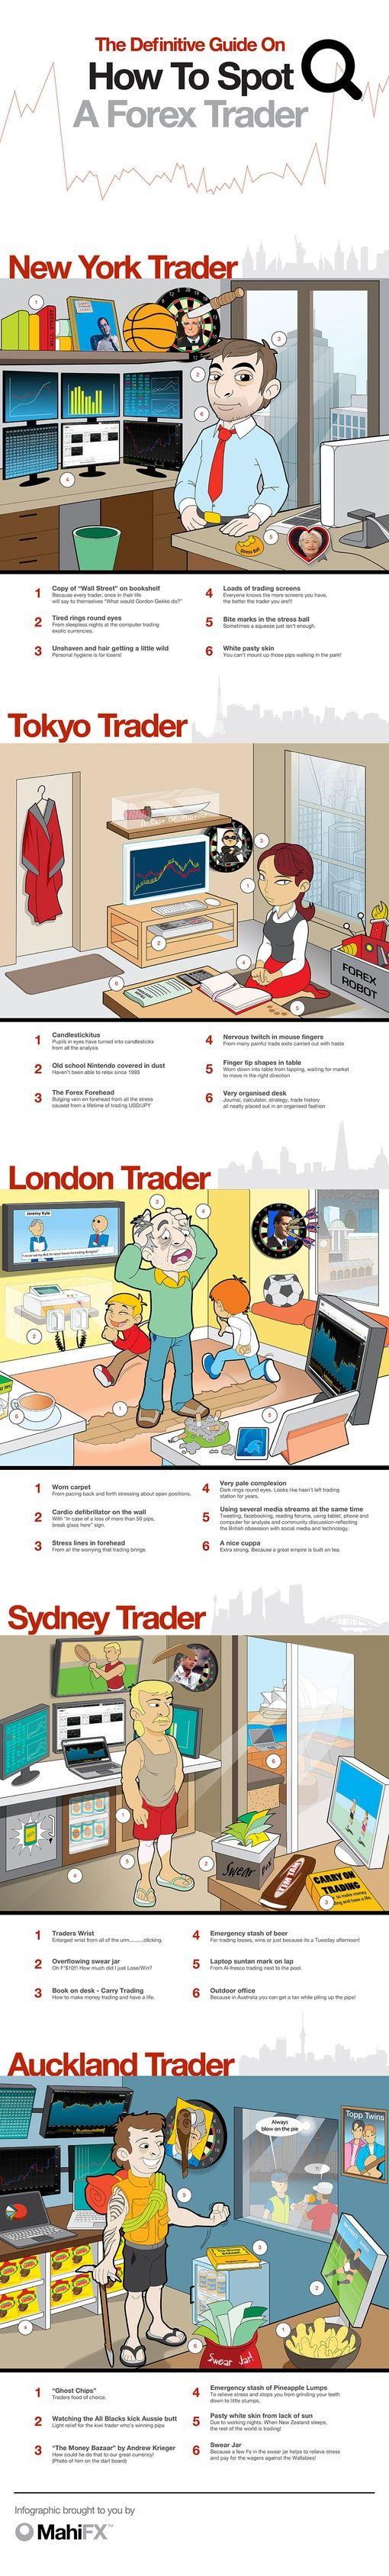 Metal forex trader